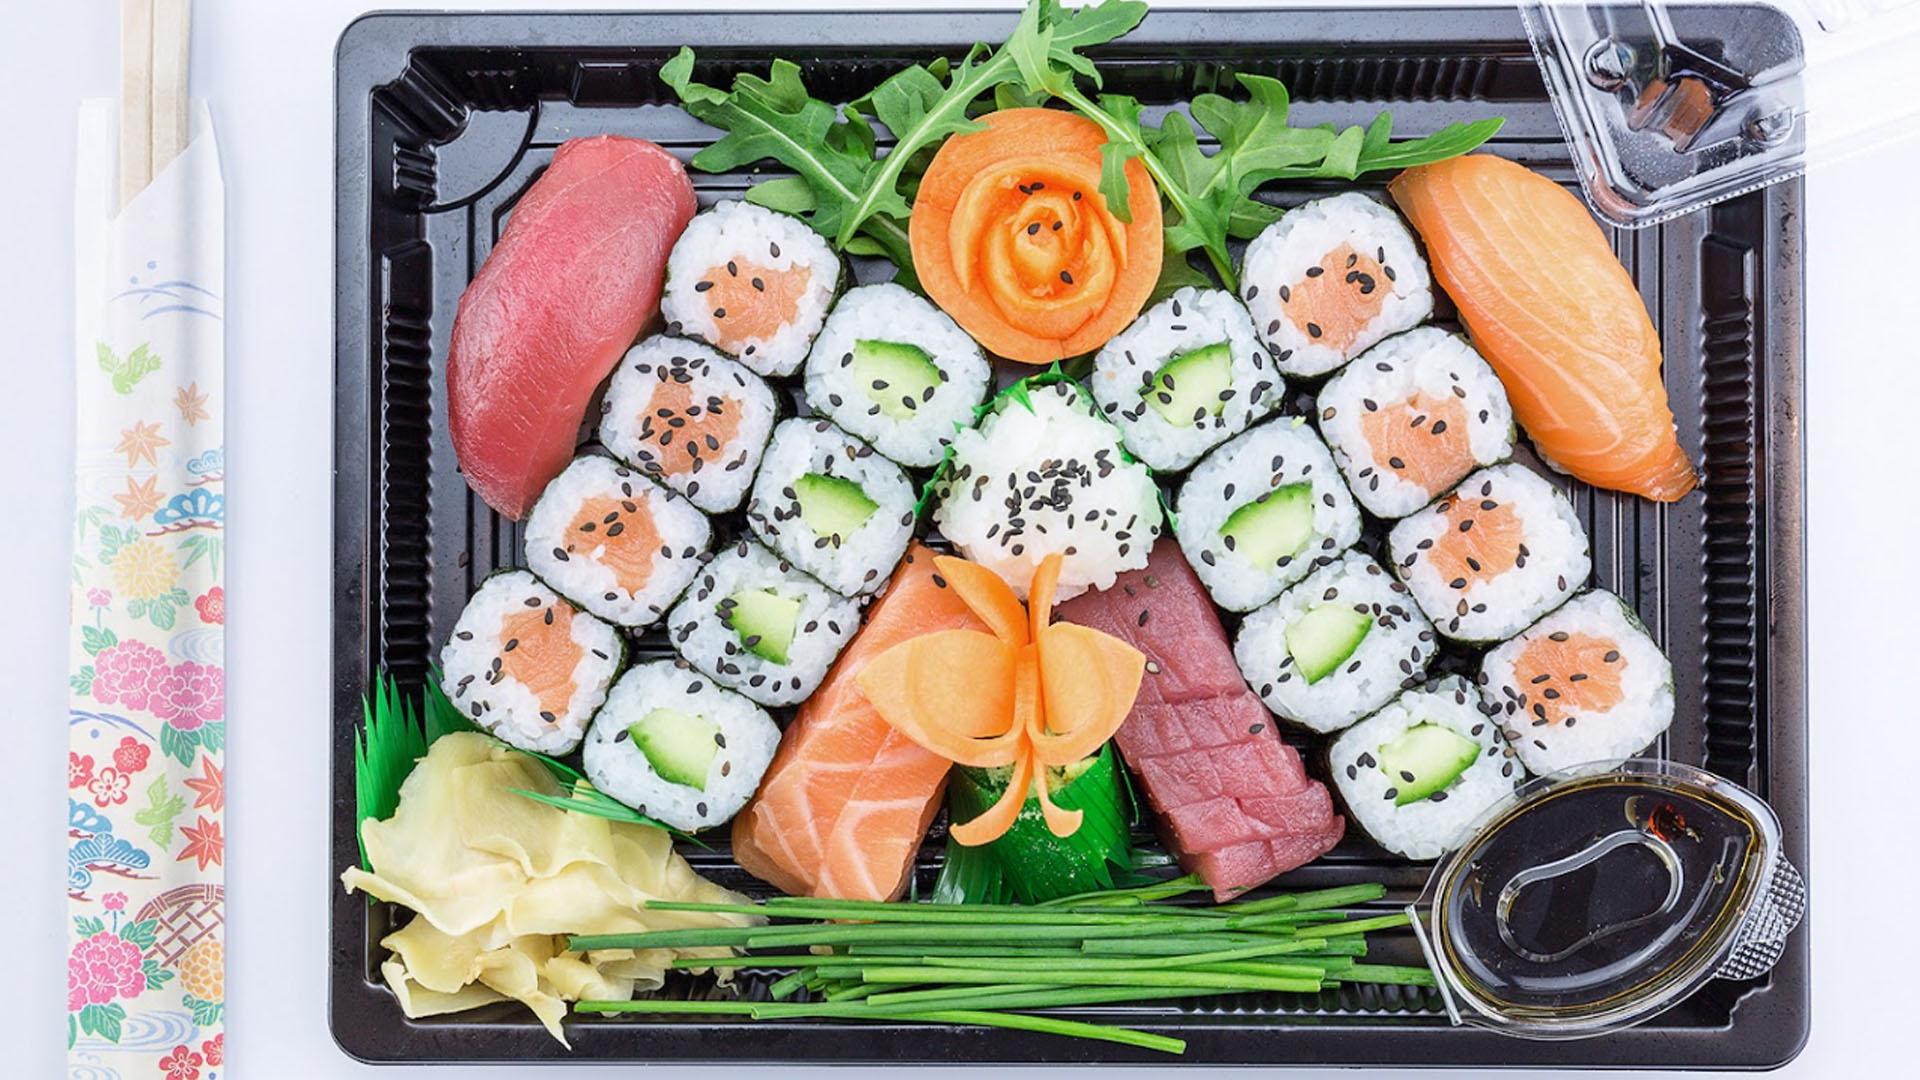 Asia Wok - Gastronomie u. Lieferservise e.K.